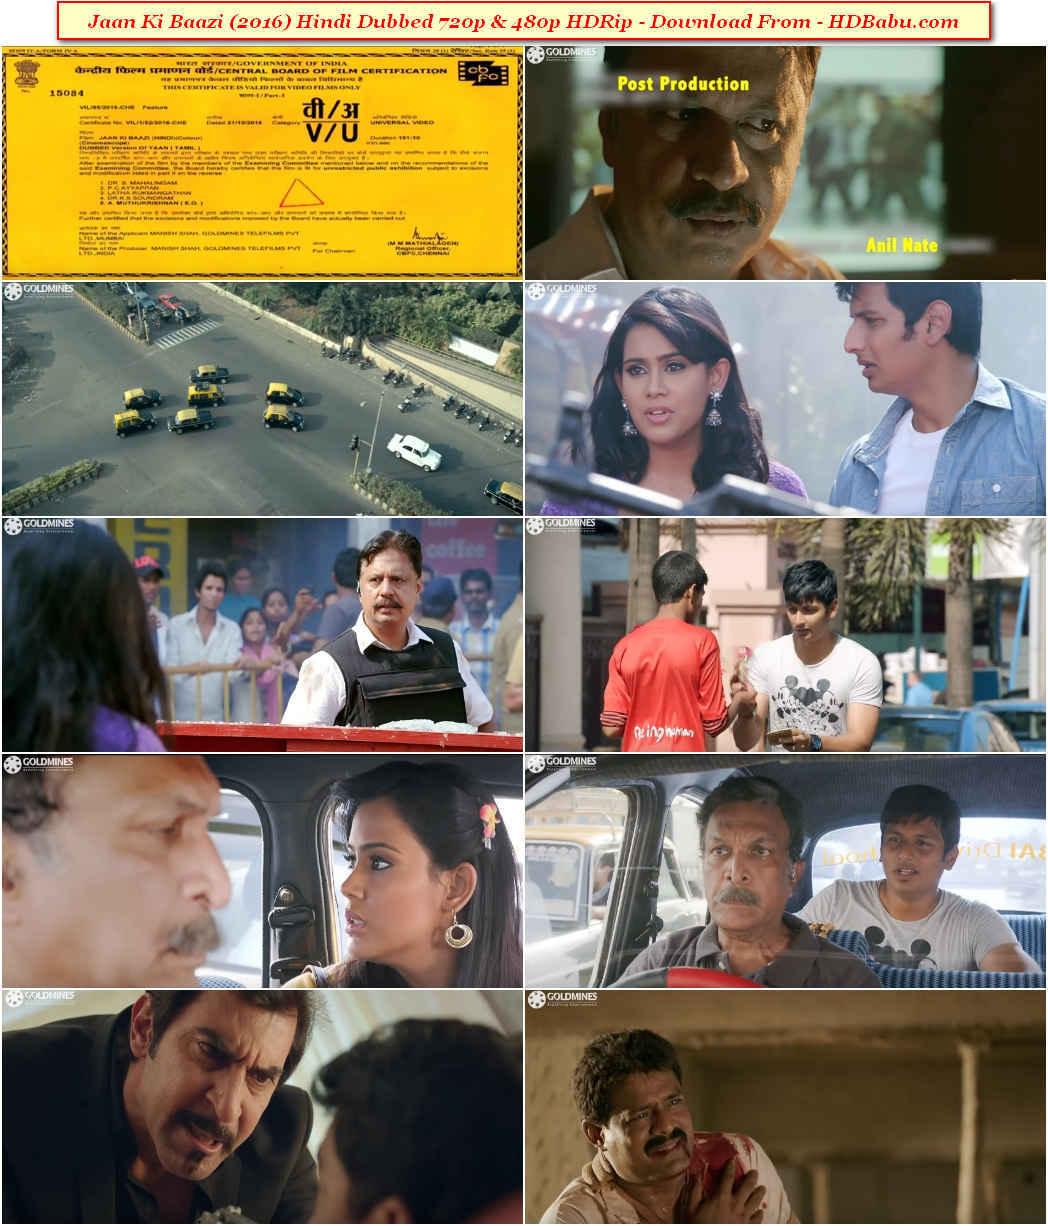 Jaan Ki Baazi Hindi Dubbed Full Movie Download